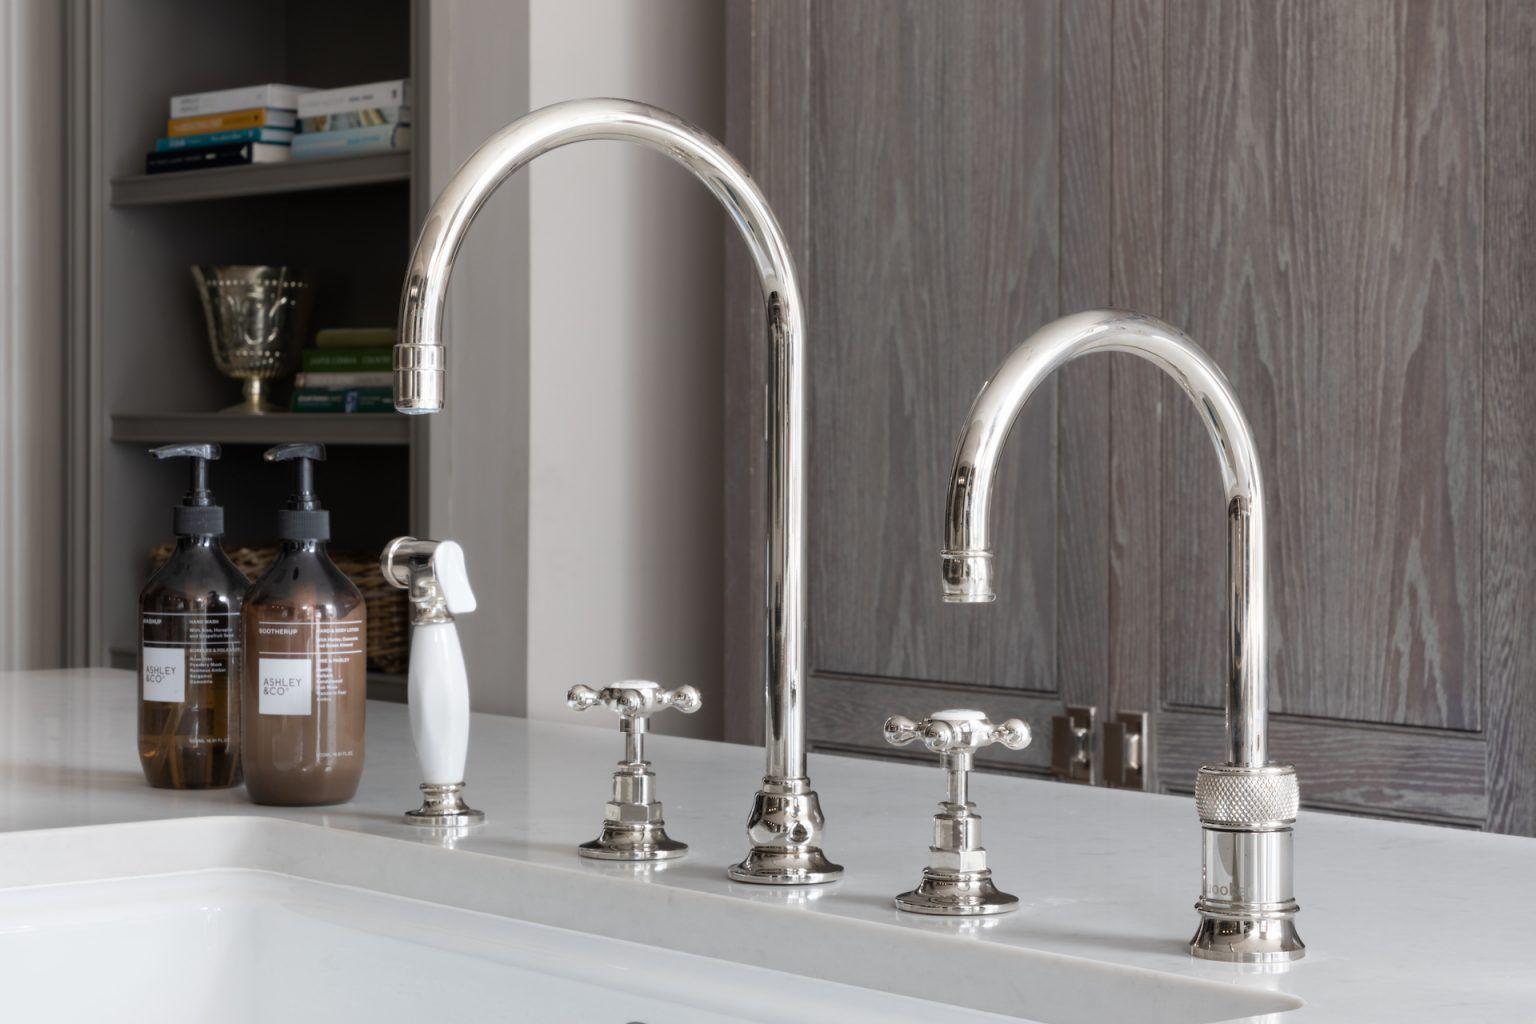 St Albans Showroom Spenlow Cabinetry Humphrey Munson Kitchen In 2020 Interior Accents Design Kitchen Design